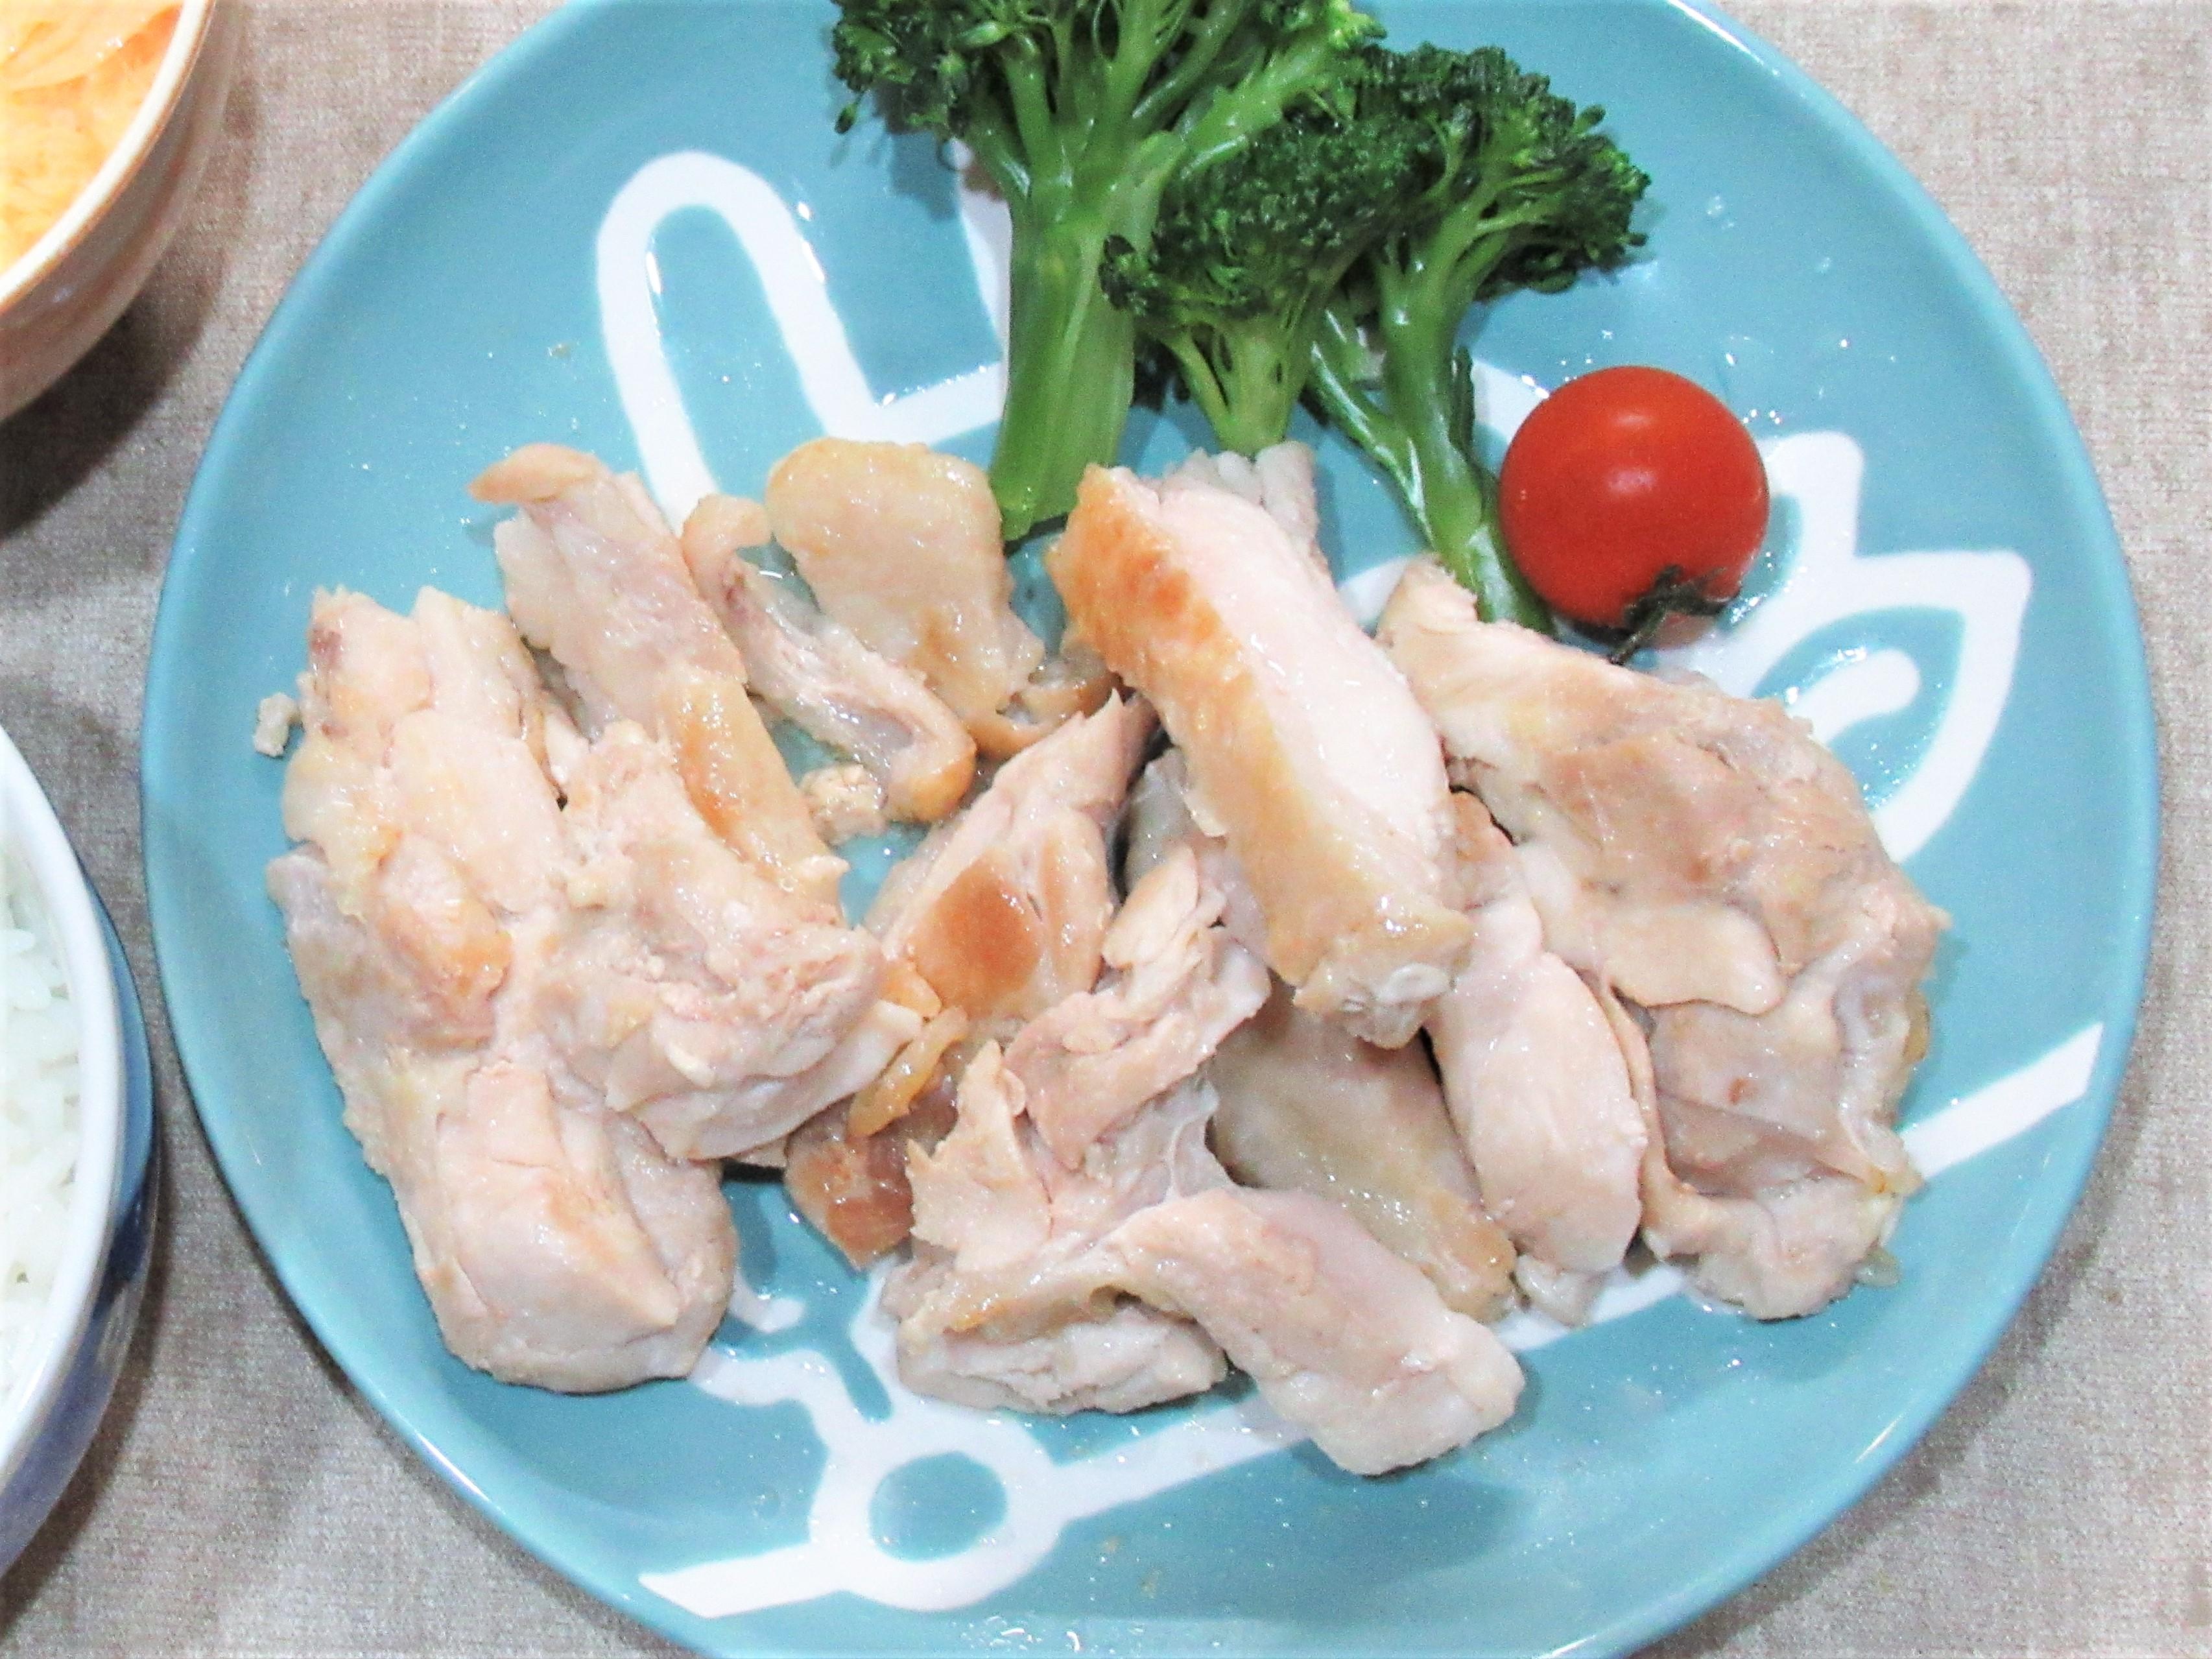 コストコの「鶏もも肉」と業務スーパーの「鶏モモ肉」を比較!用途別で使い分けがオススメ|ラク家事ブログ